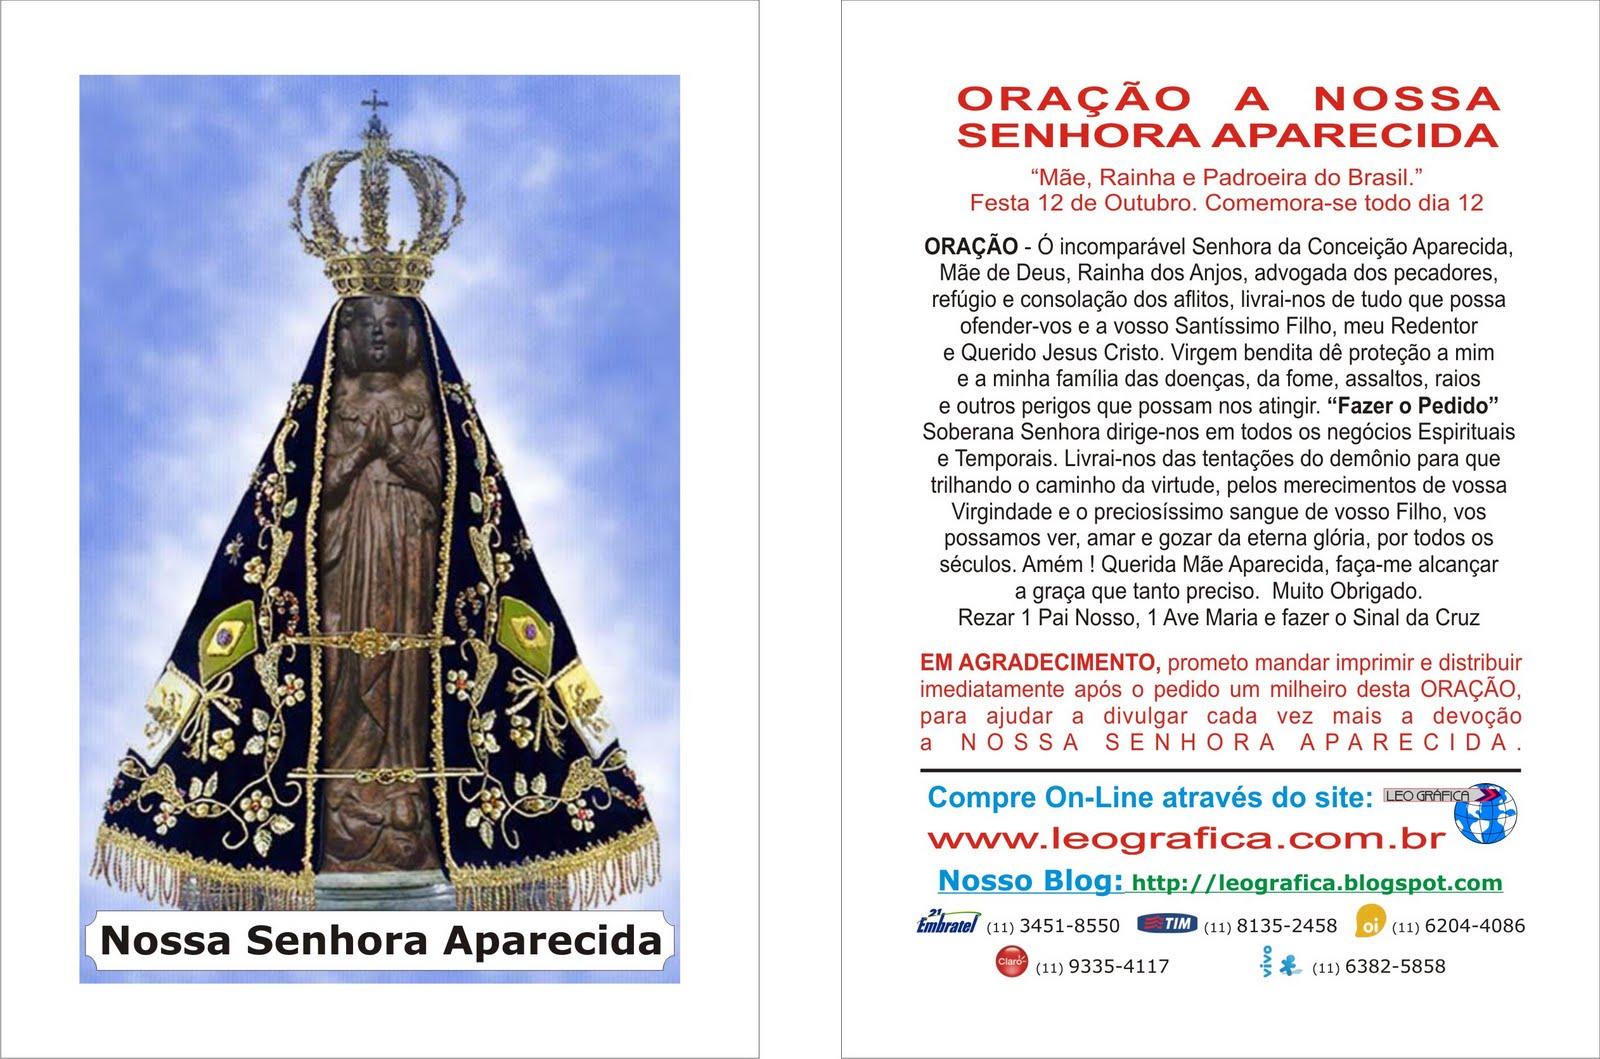 HistÓria De Nossa Senhora Aparecida: LEO GRAFICA Gráfica De Santinhos Para Promessa: Nossa